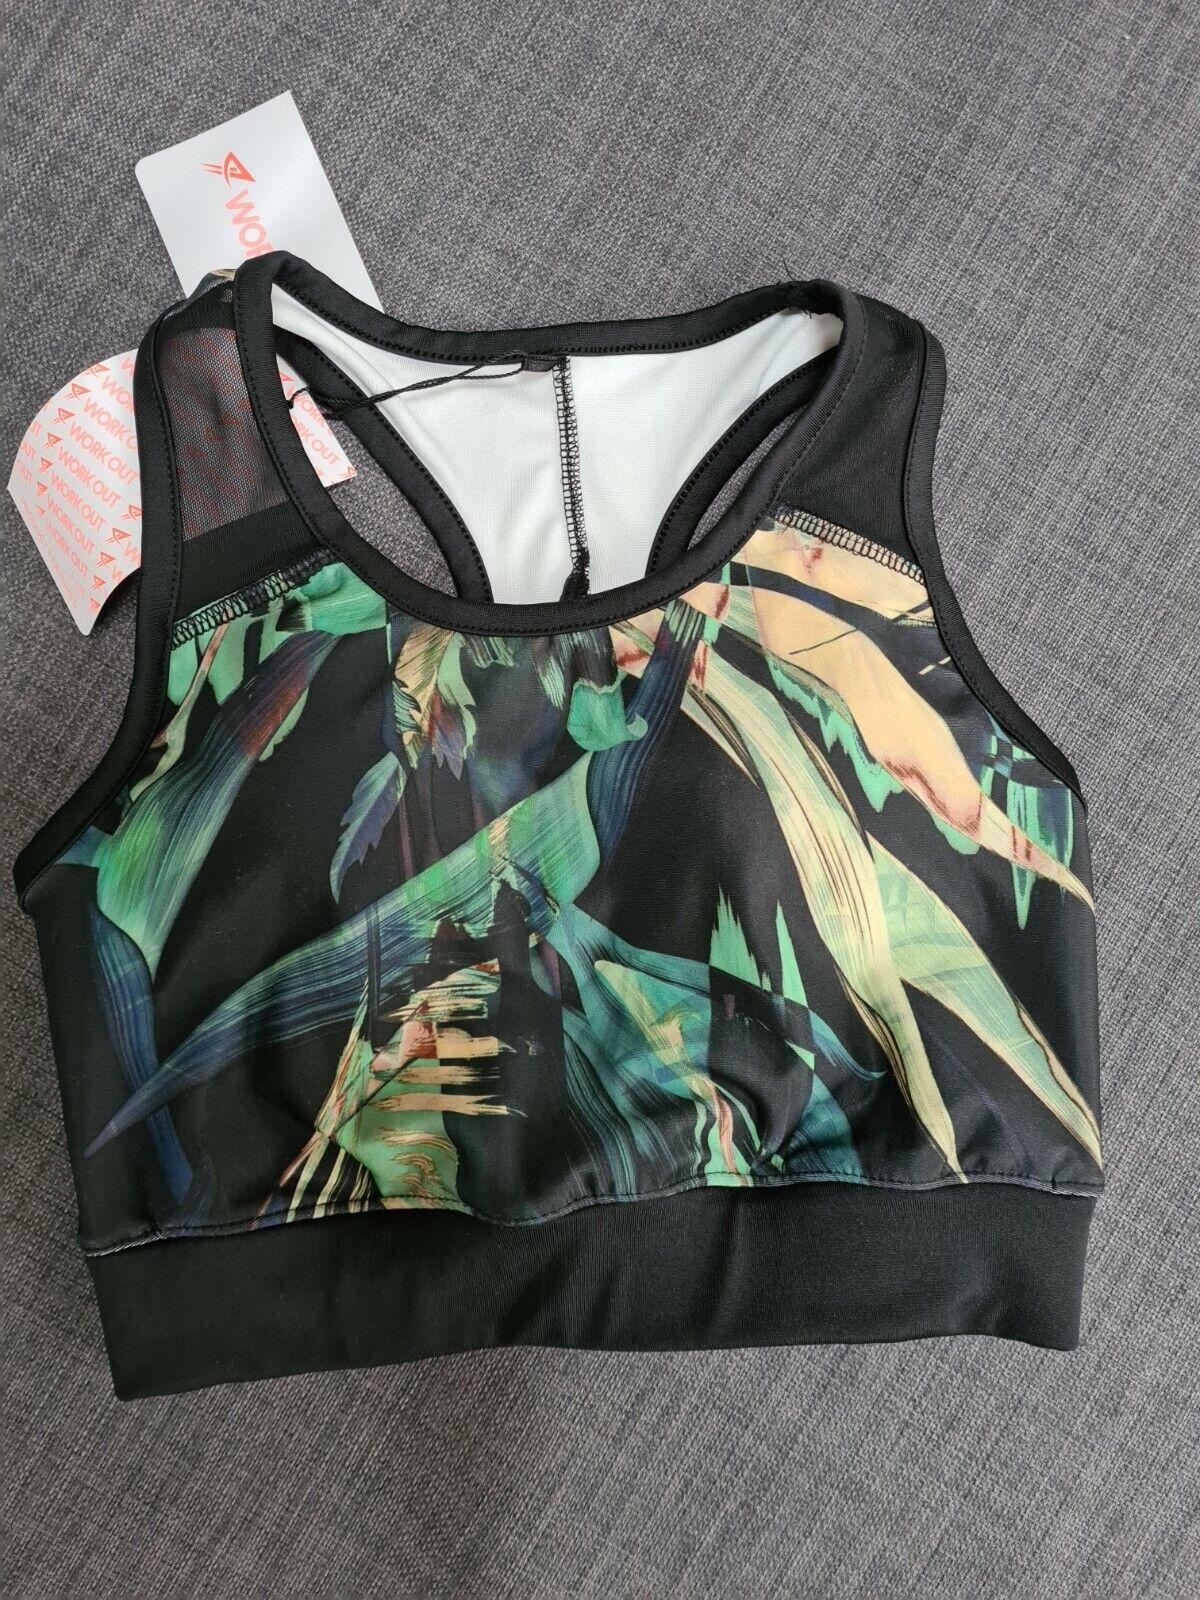 Gym Workout Sports Bra Top Black Tropical Print Size 6 BNWT